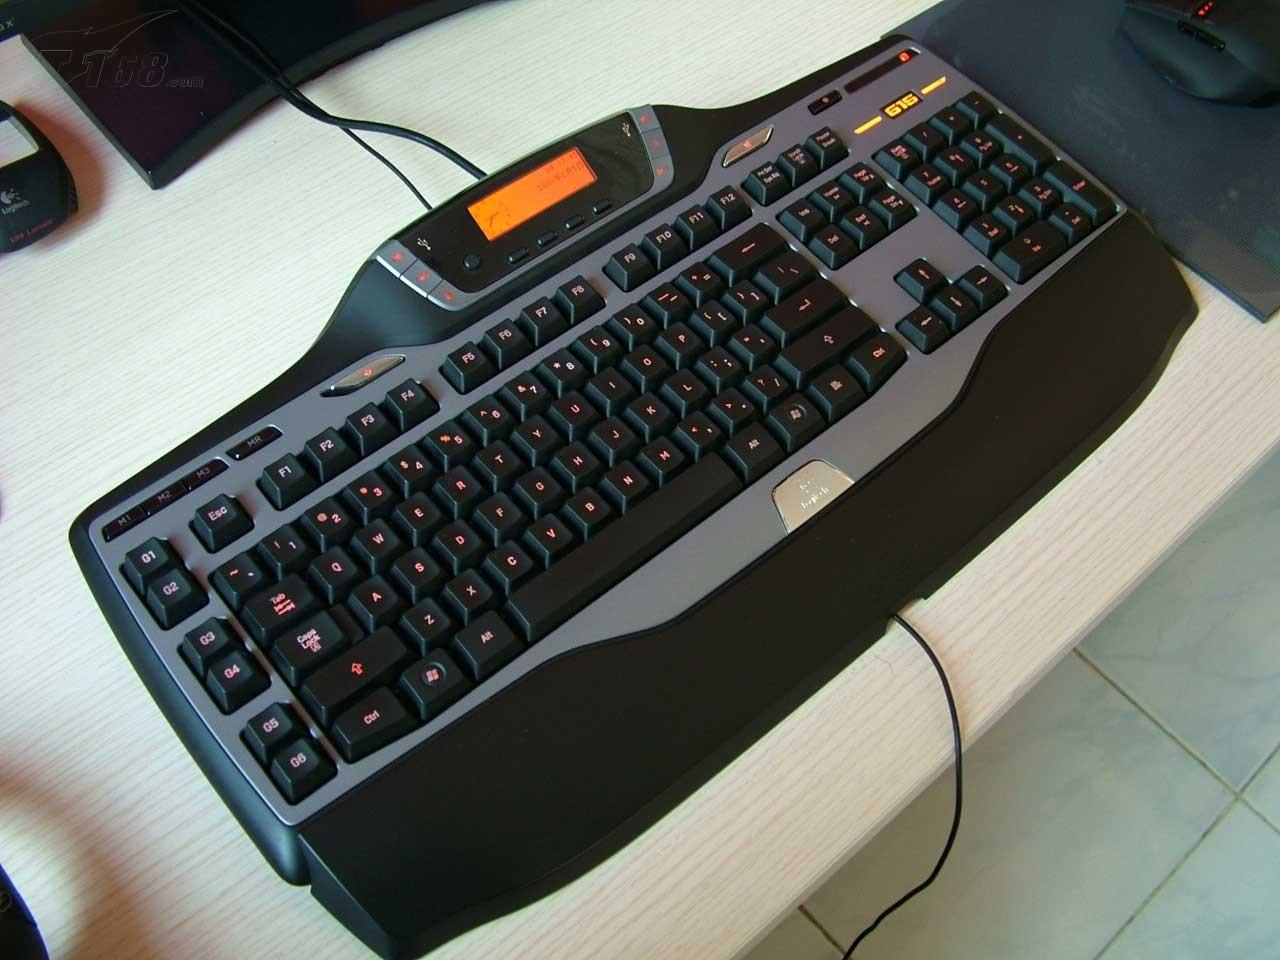 抖音壁纸高清   诺基亚键盘壁纸_腾讯网